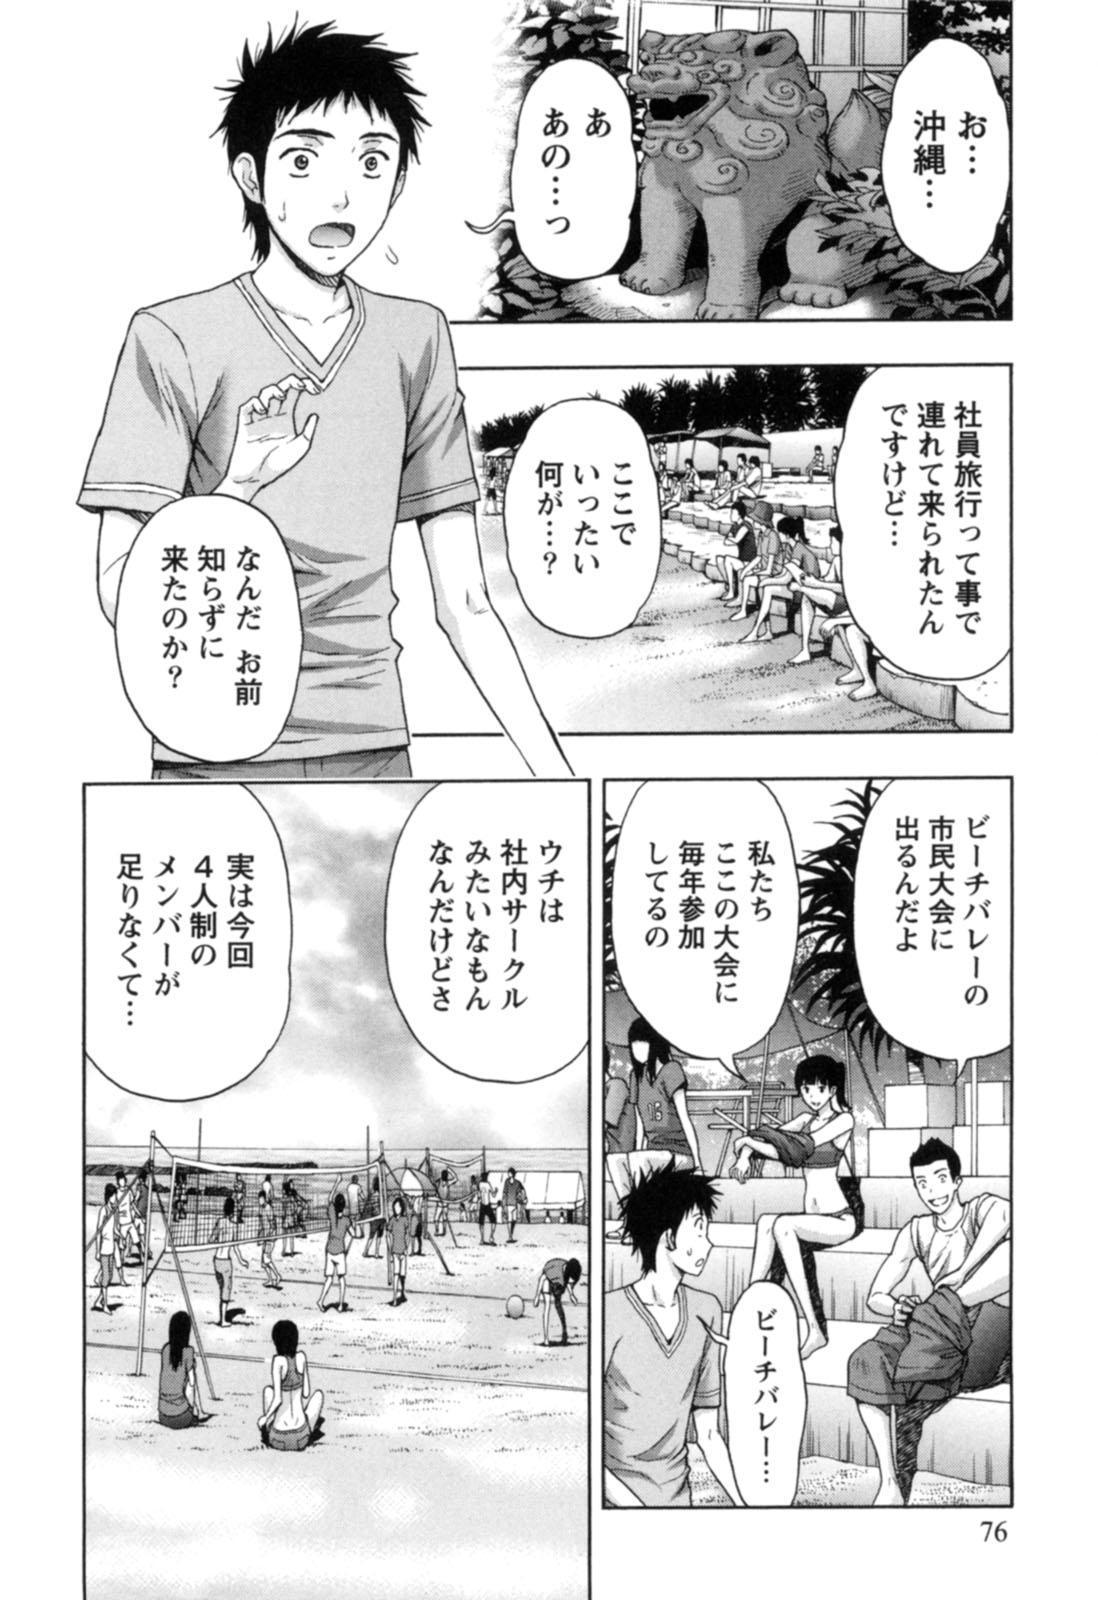 Nukumori Jou no Binkan Lesson 76